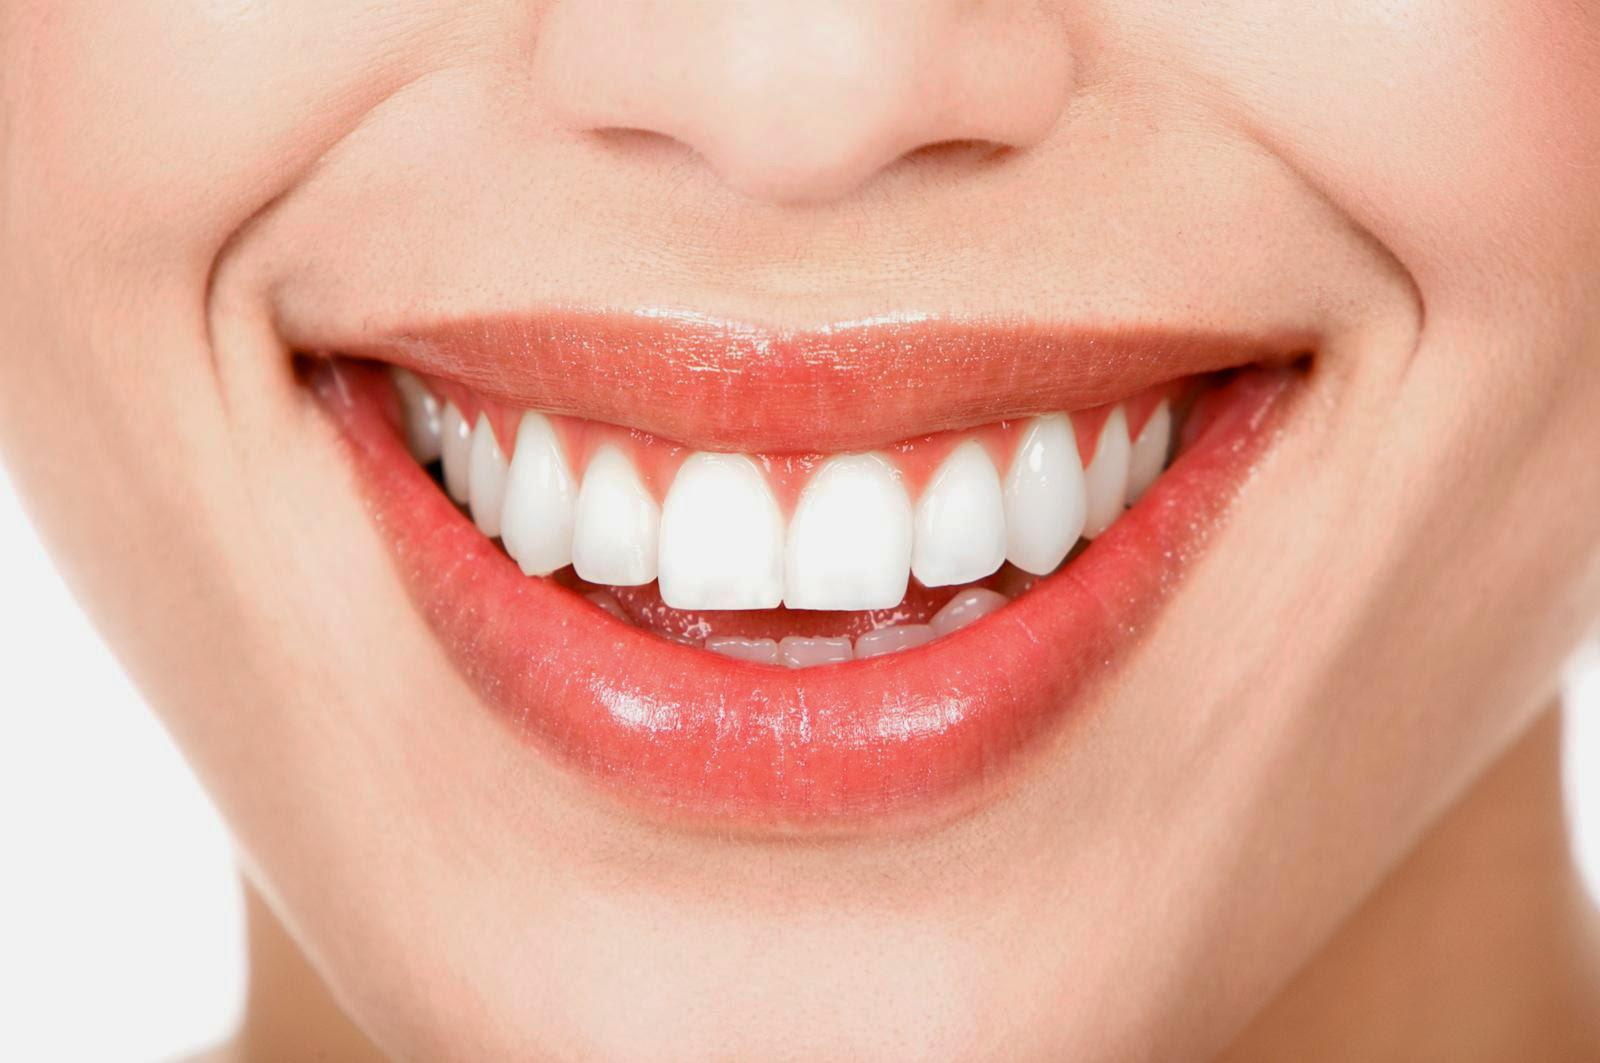 Thiết kế thông minh phù hợp với cấu tạo của hàm giúp làm sạch tới từng kẽ răng